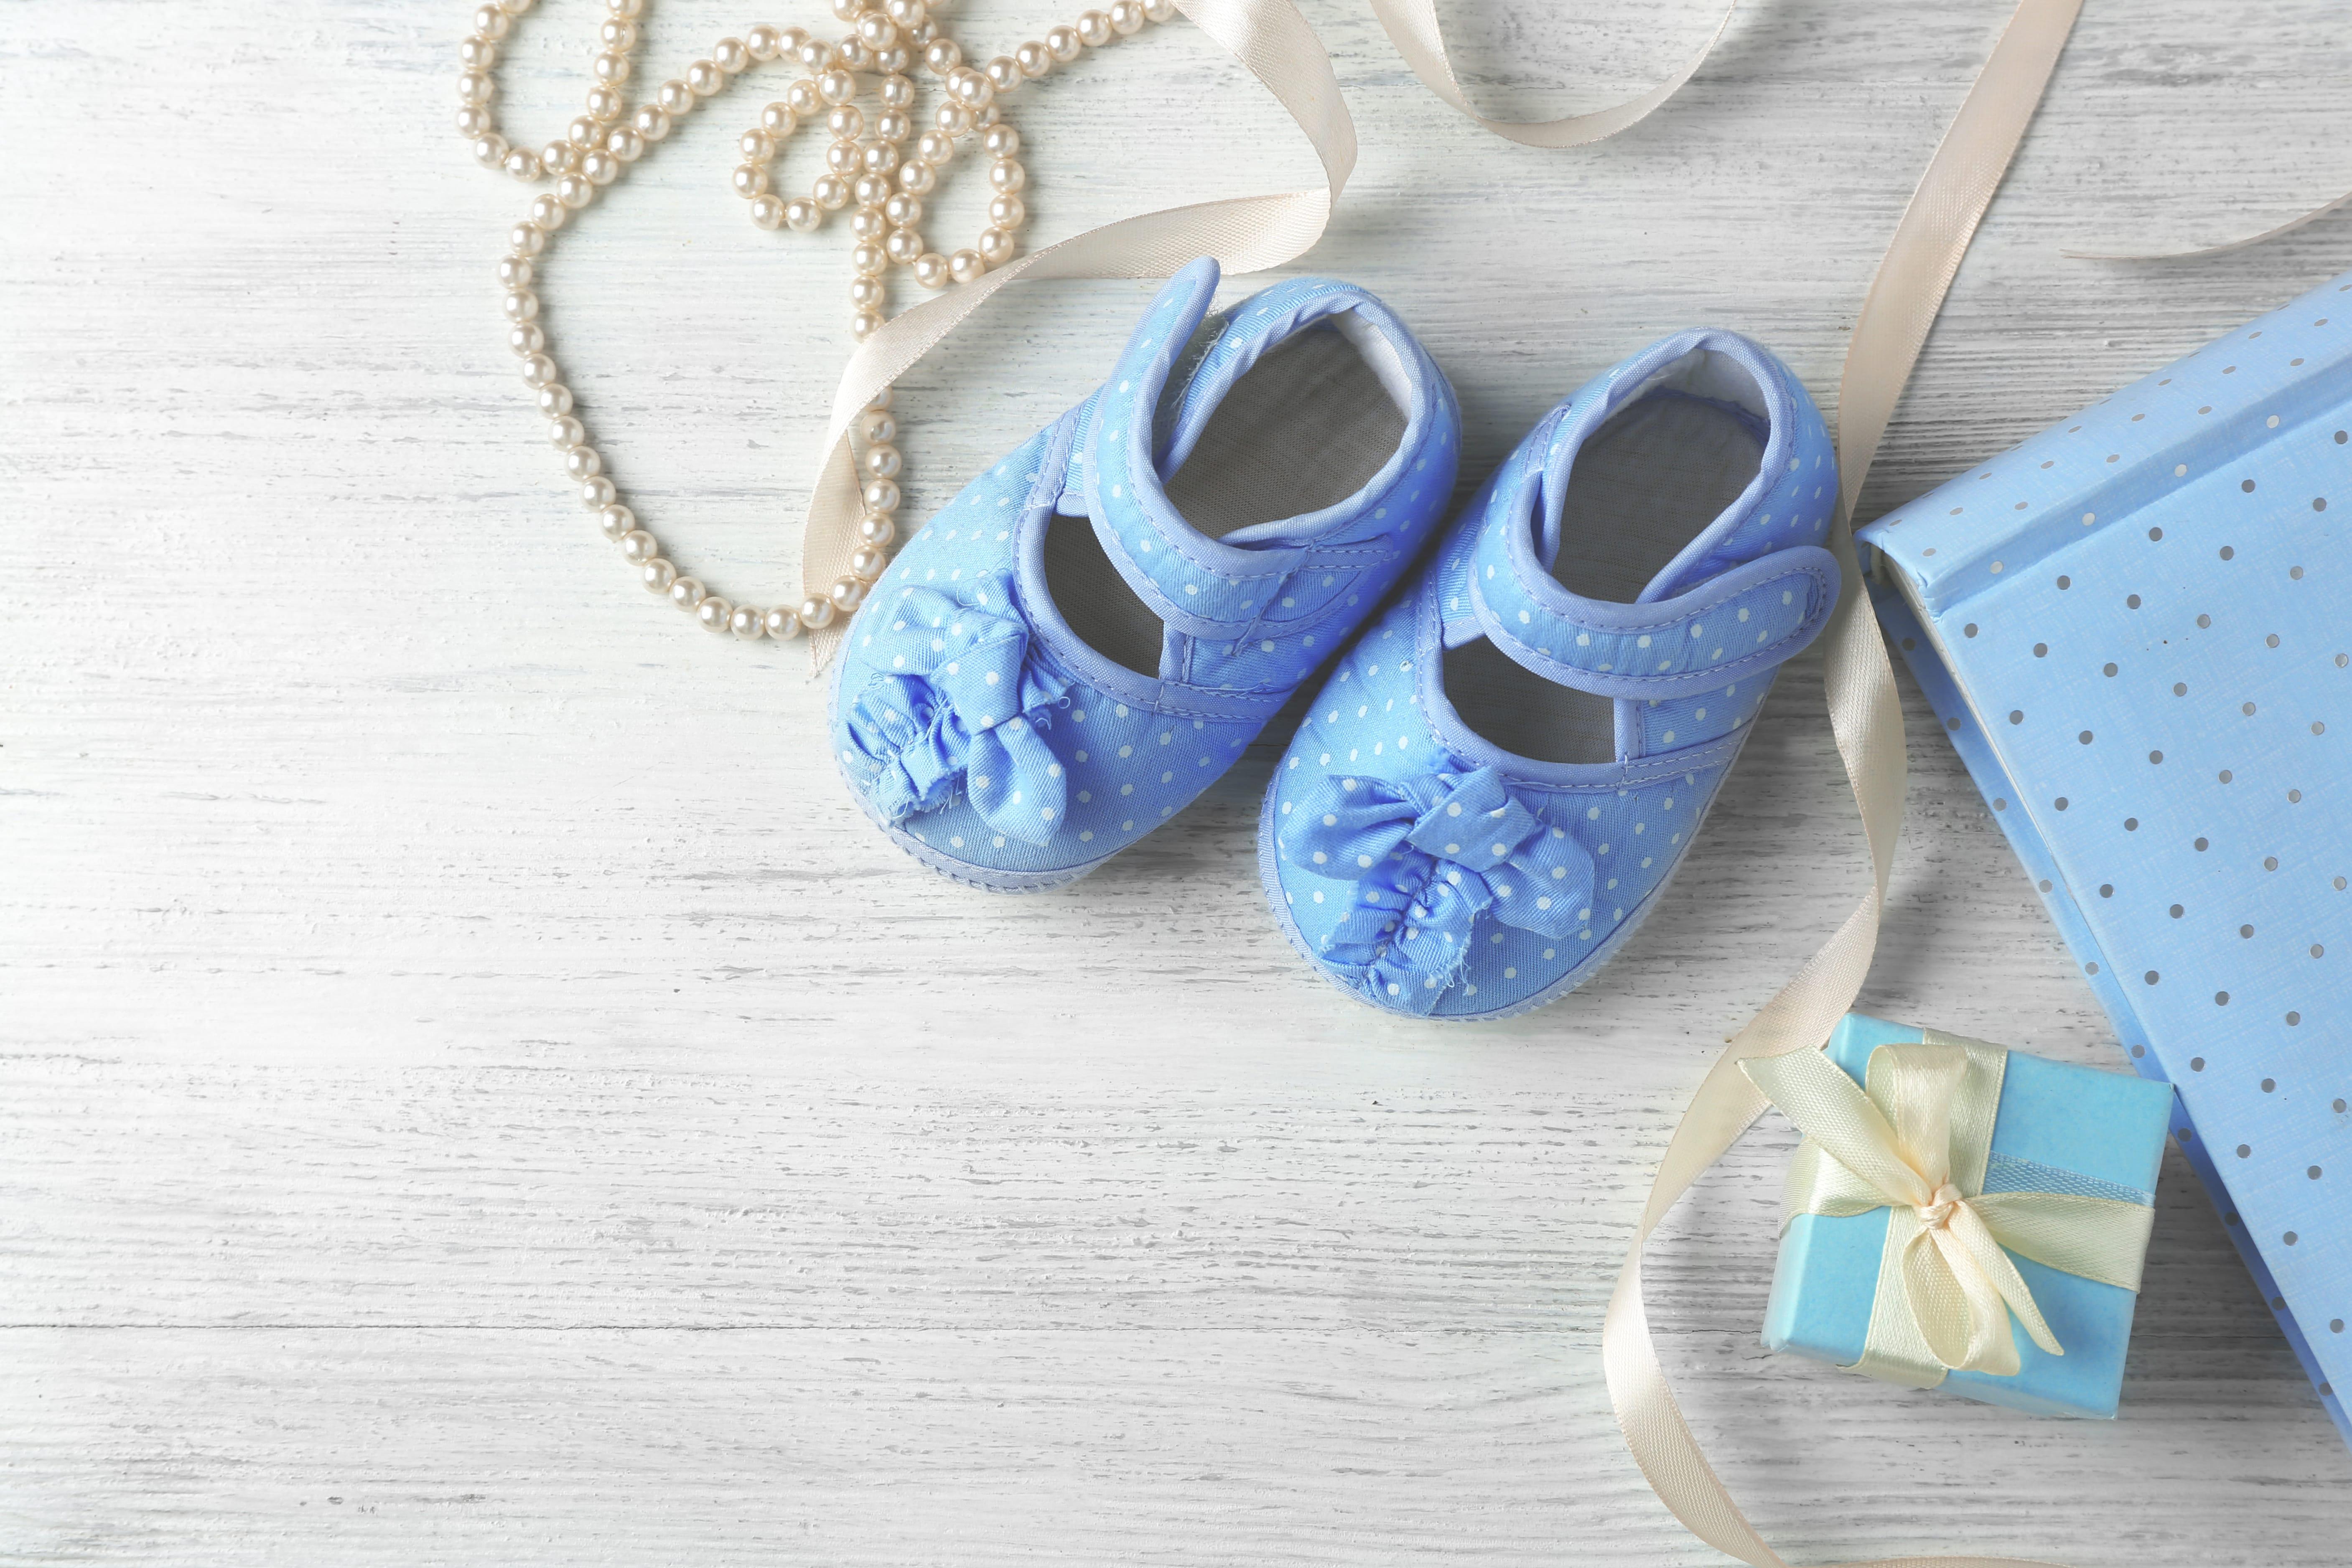 Geschenk für Neugeborene – 10 Ideen zur Geburt